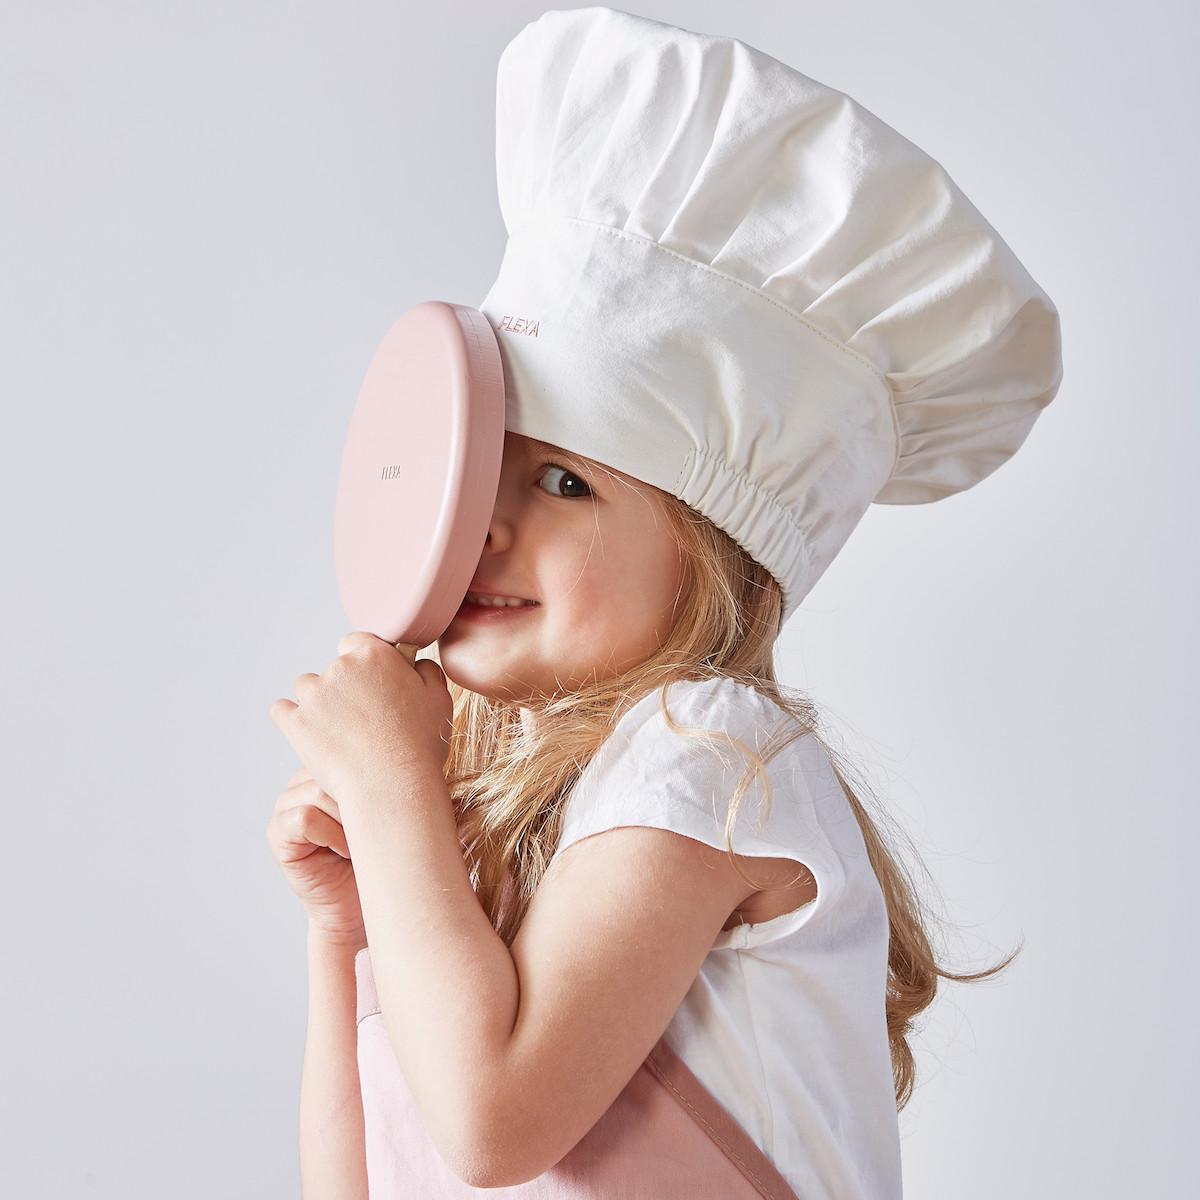 Juego imitación disfraz chef PLAY Flexa light rosa-white